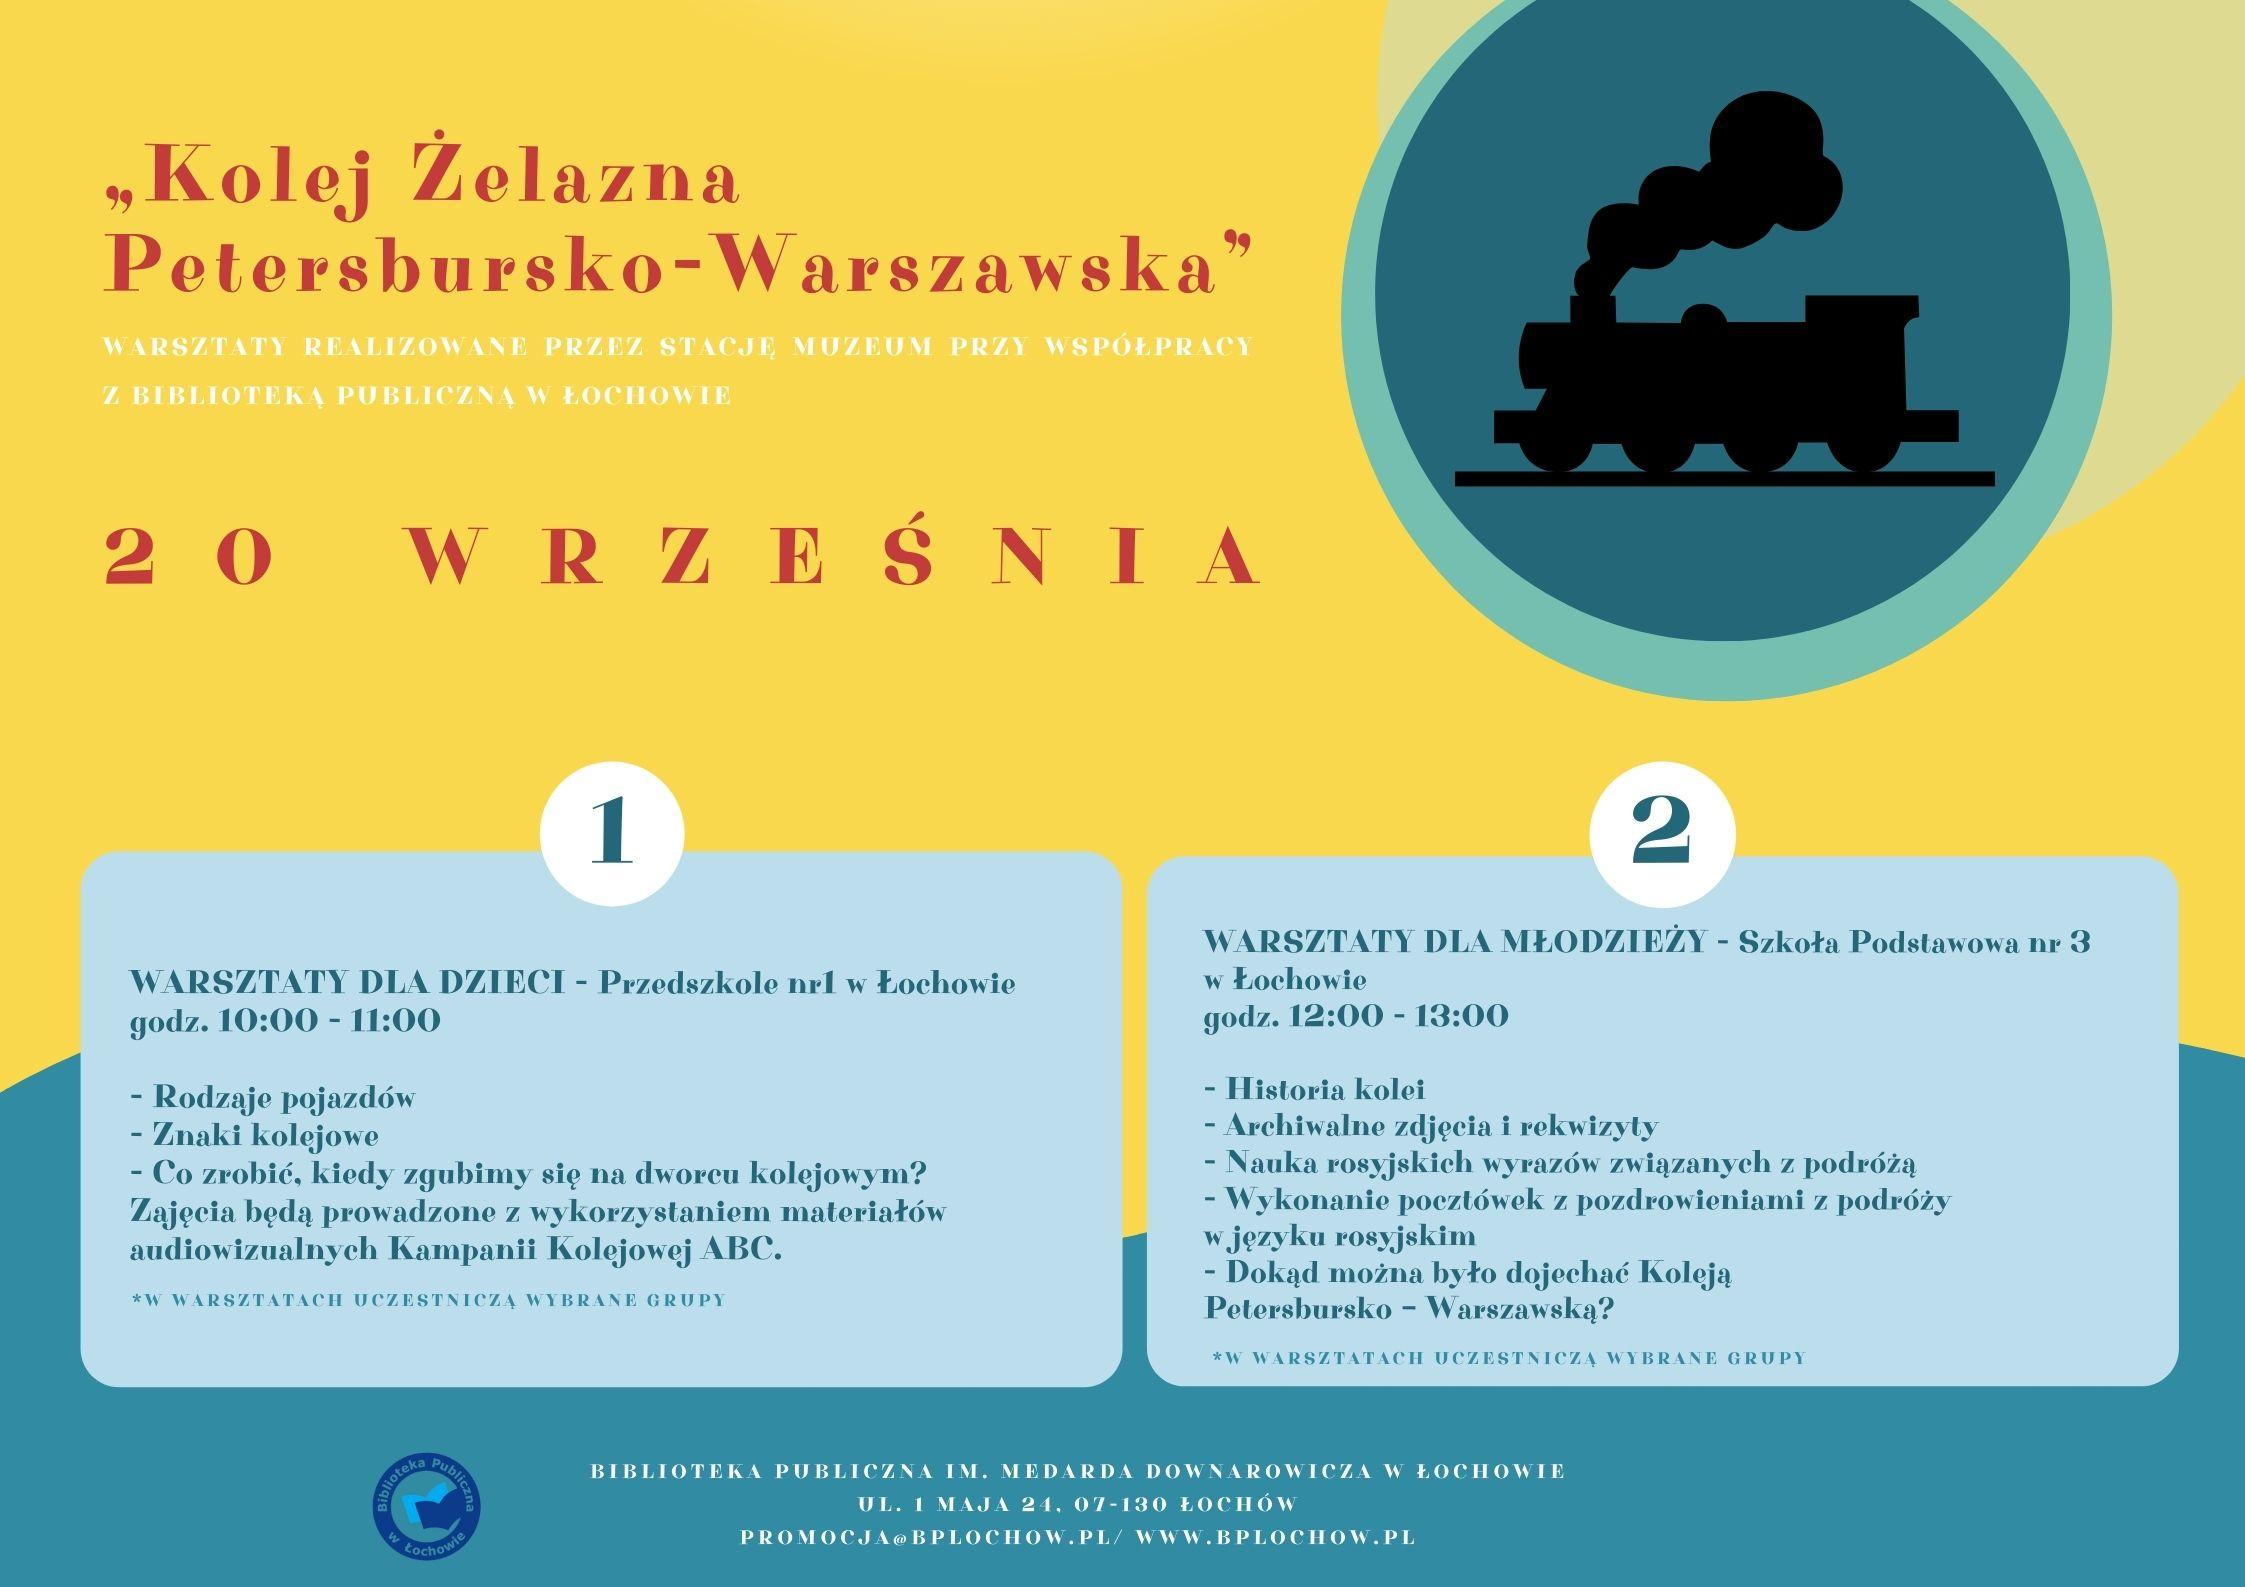 Kolej Żelazna Petersbursko-Warszawska